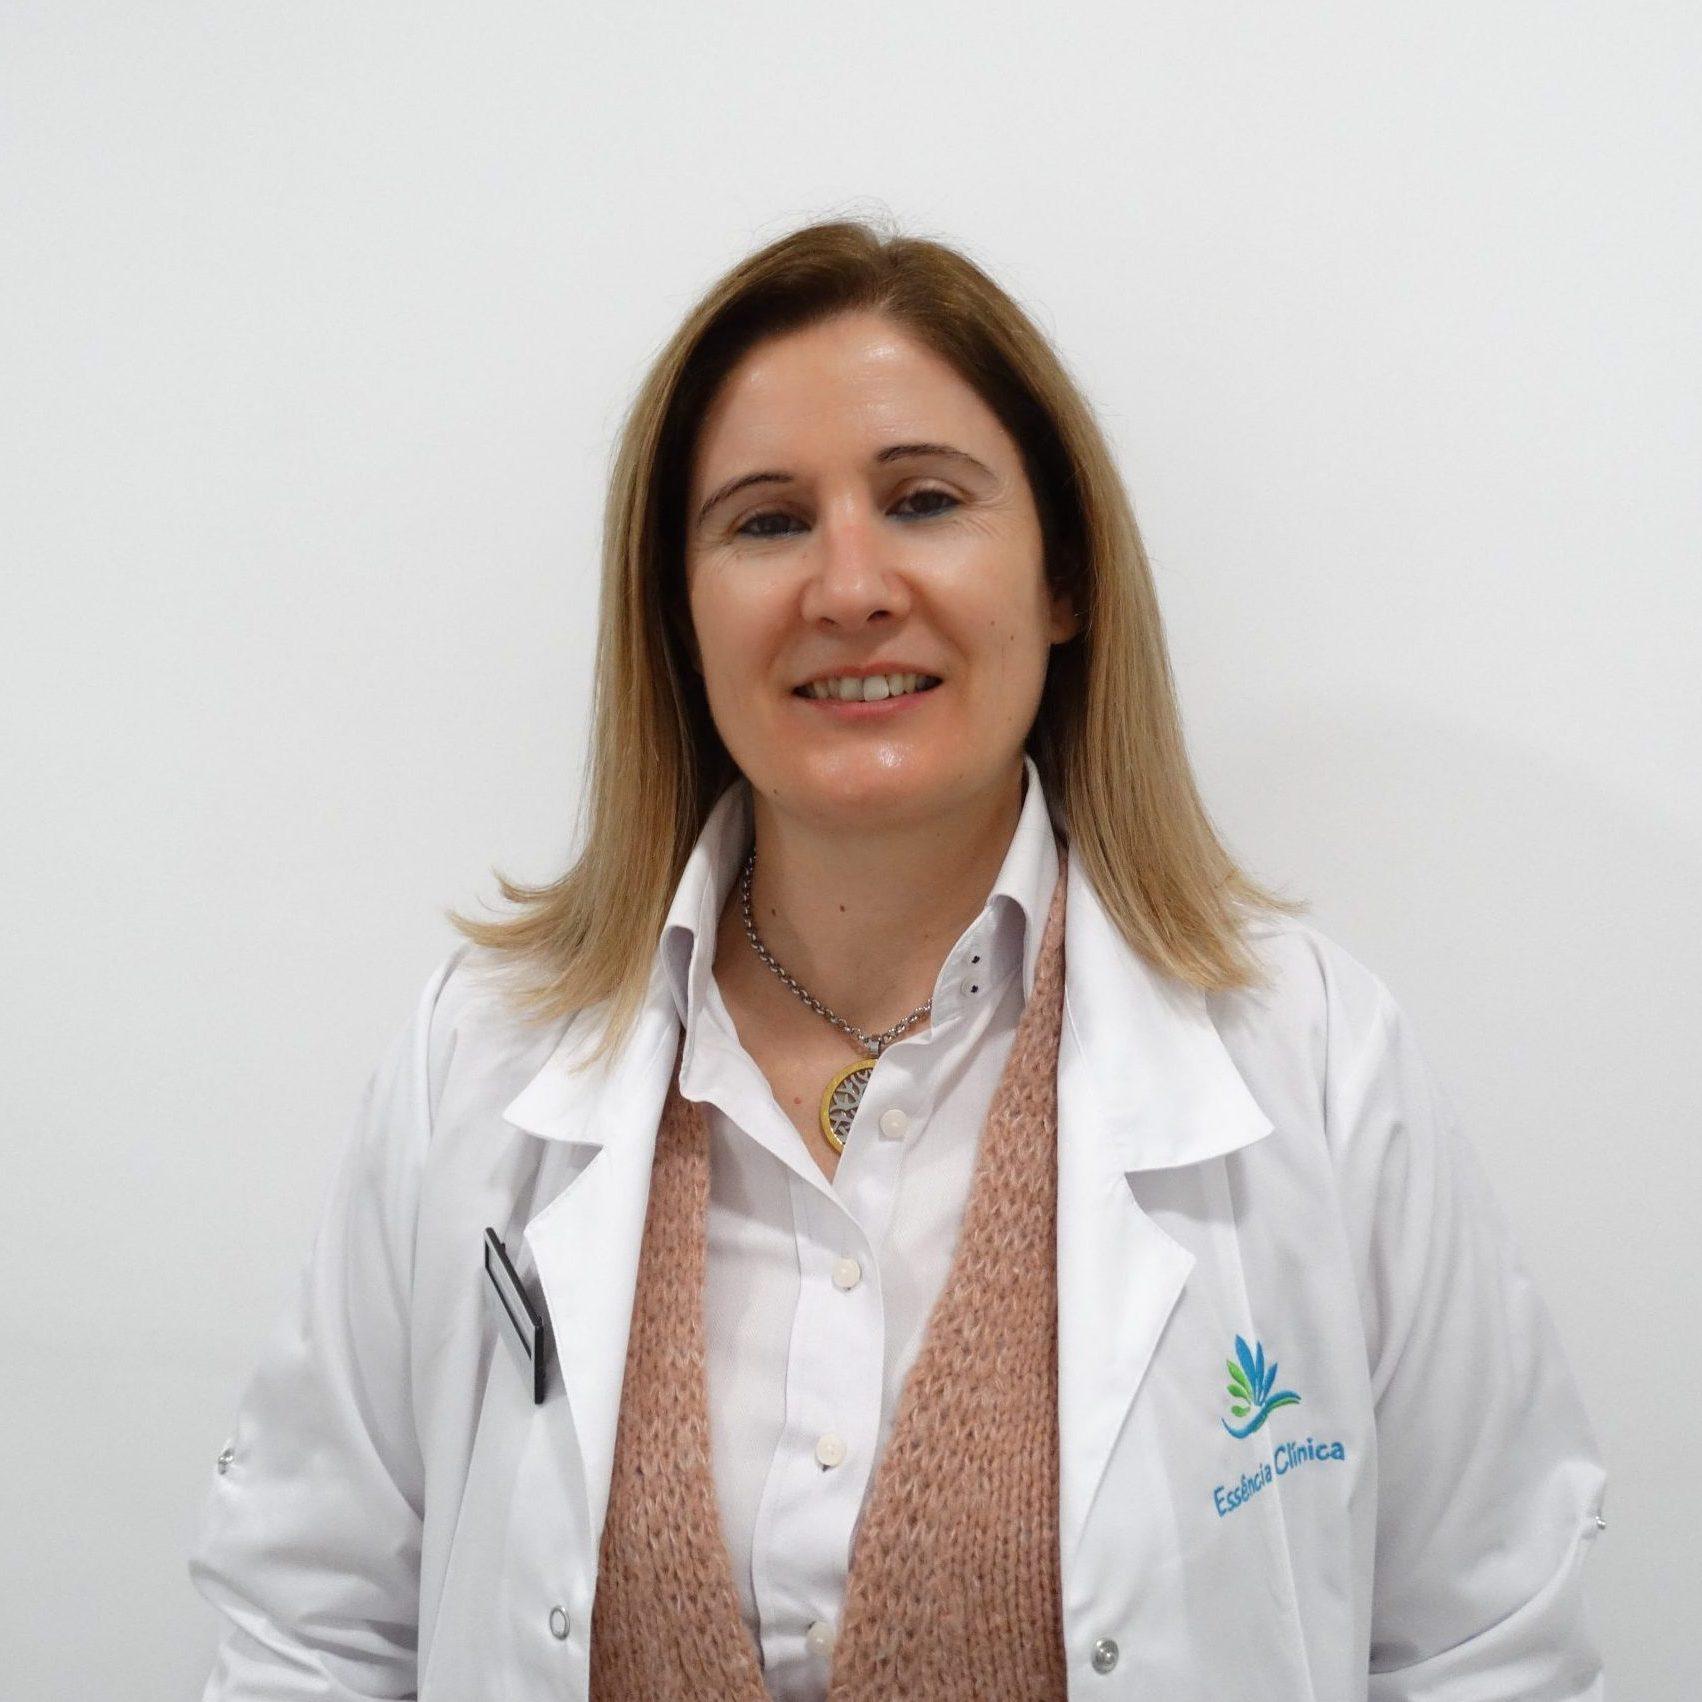 Psicóloga Carolina Salgado